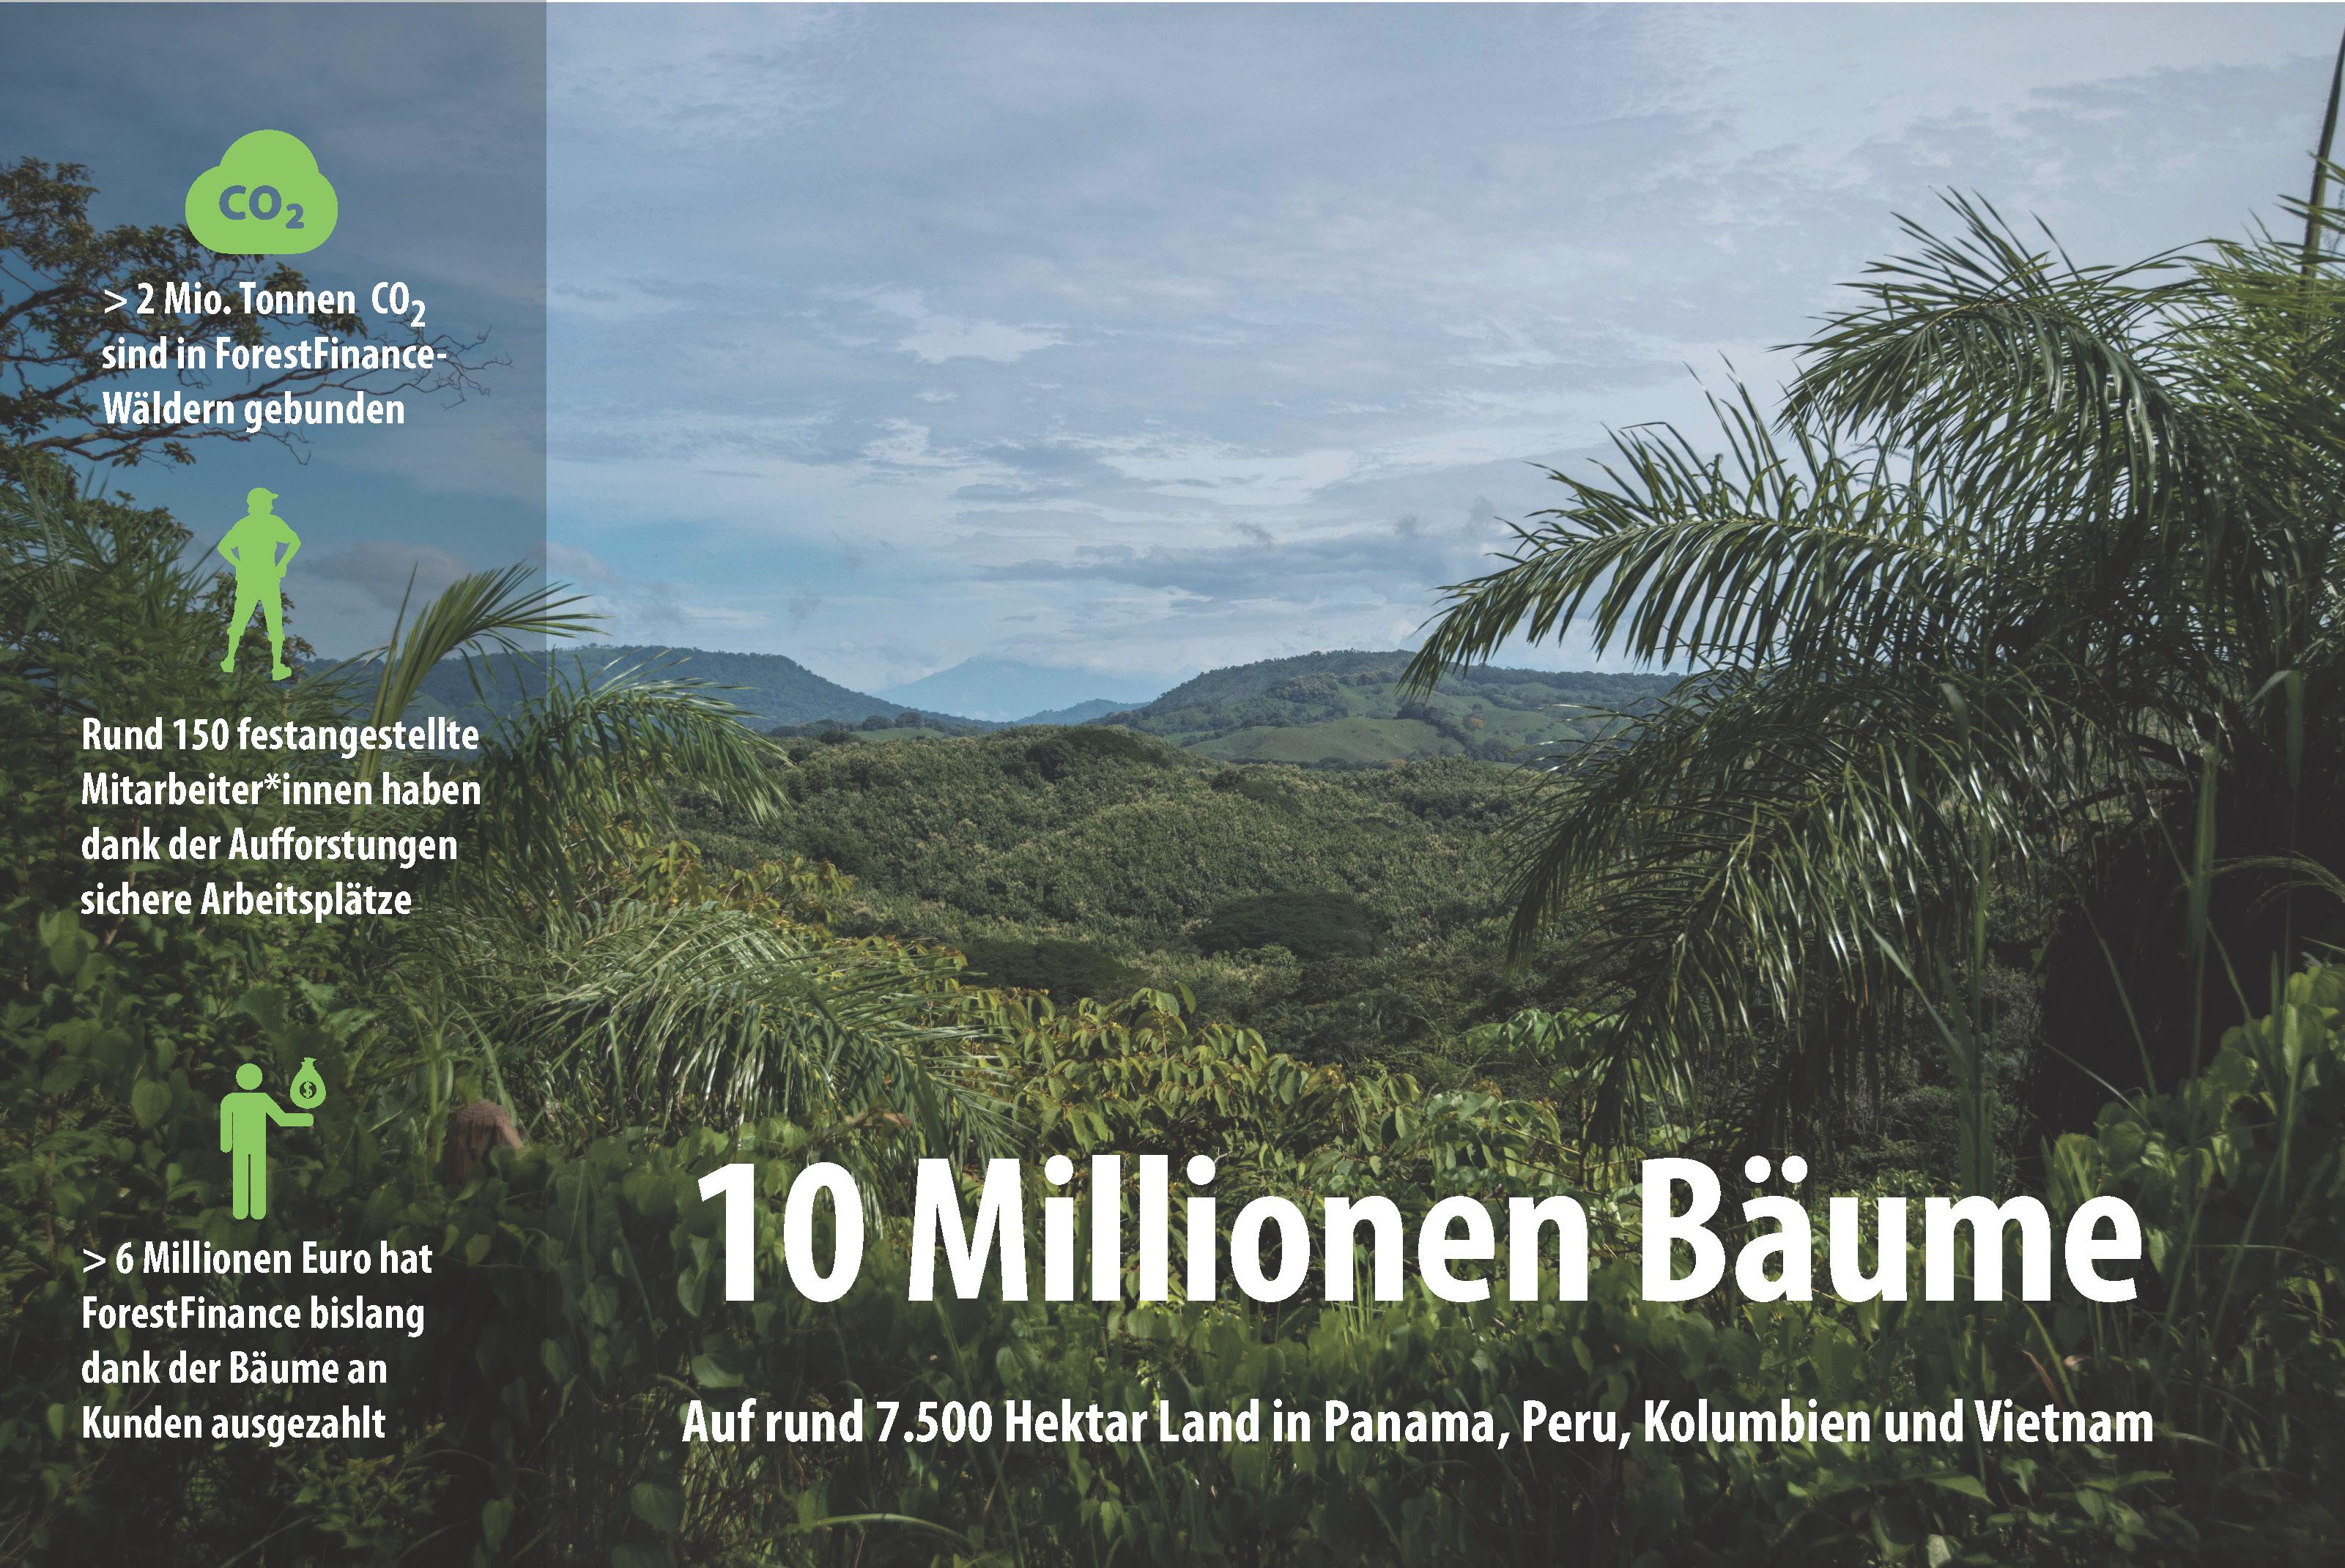 Bedeutung der zehn Millionen ForestFinance-Bäume